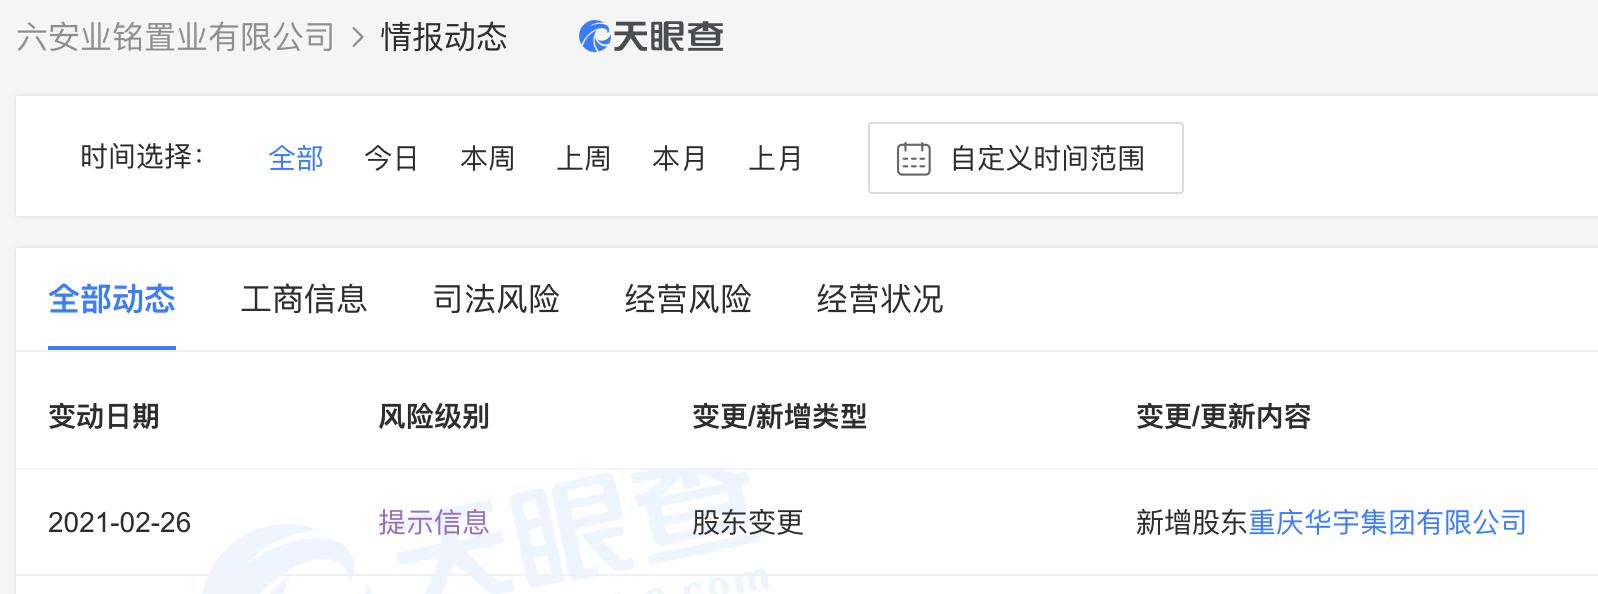 华宇集团在安徽六安成立了房地产公司,注册资金2.5亿元